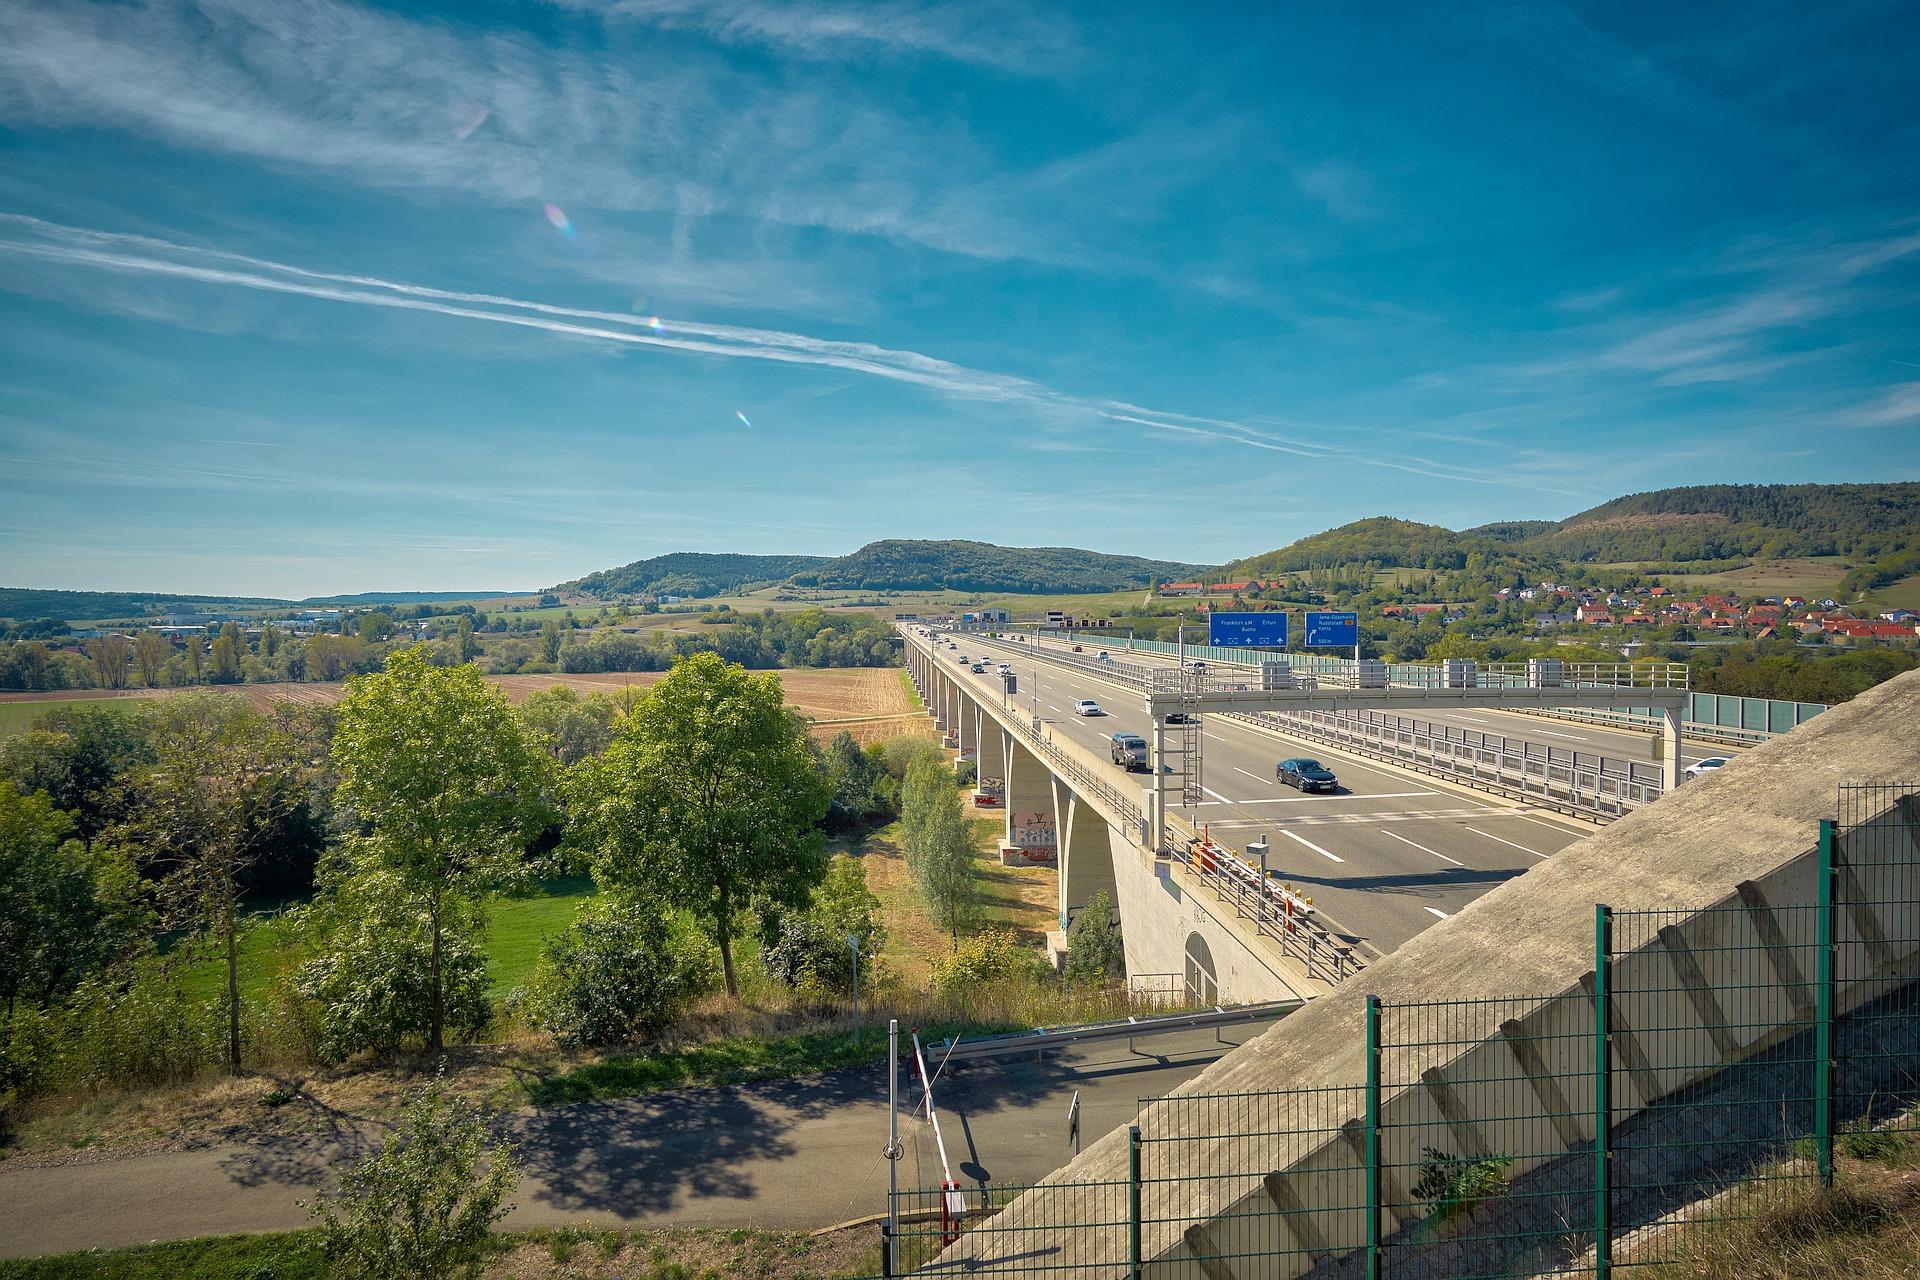 Saaletalbrücke A4 / Jena